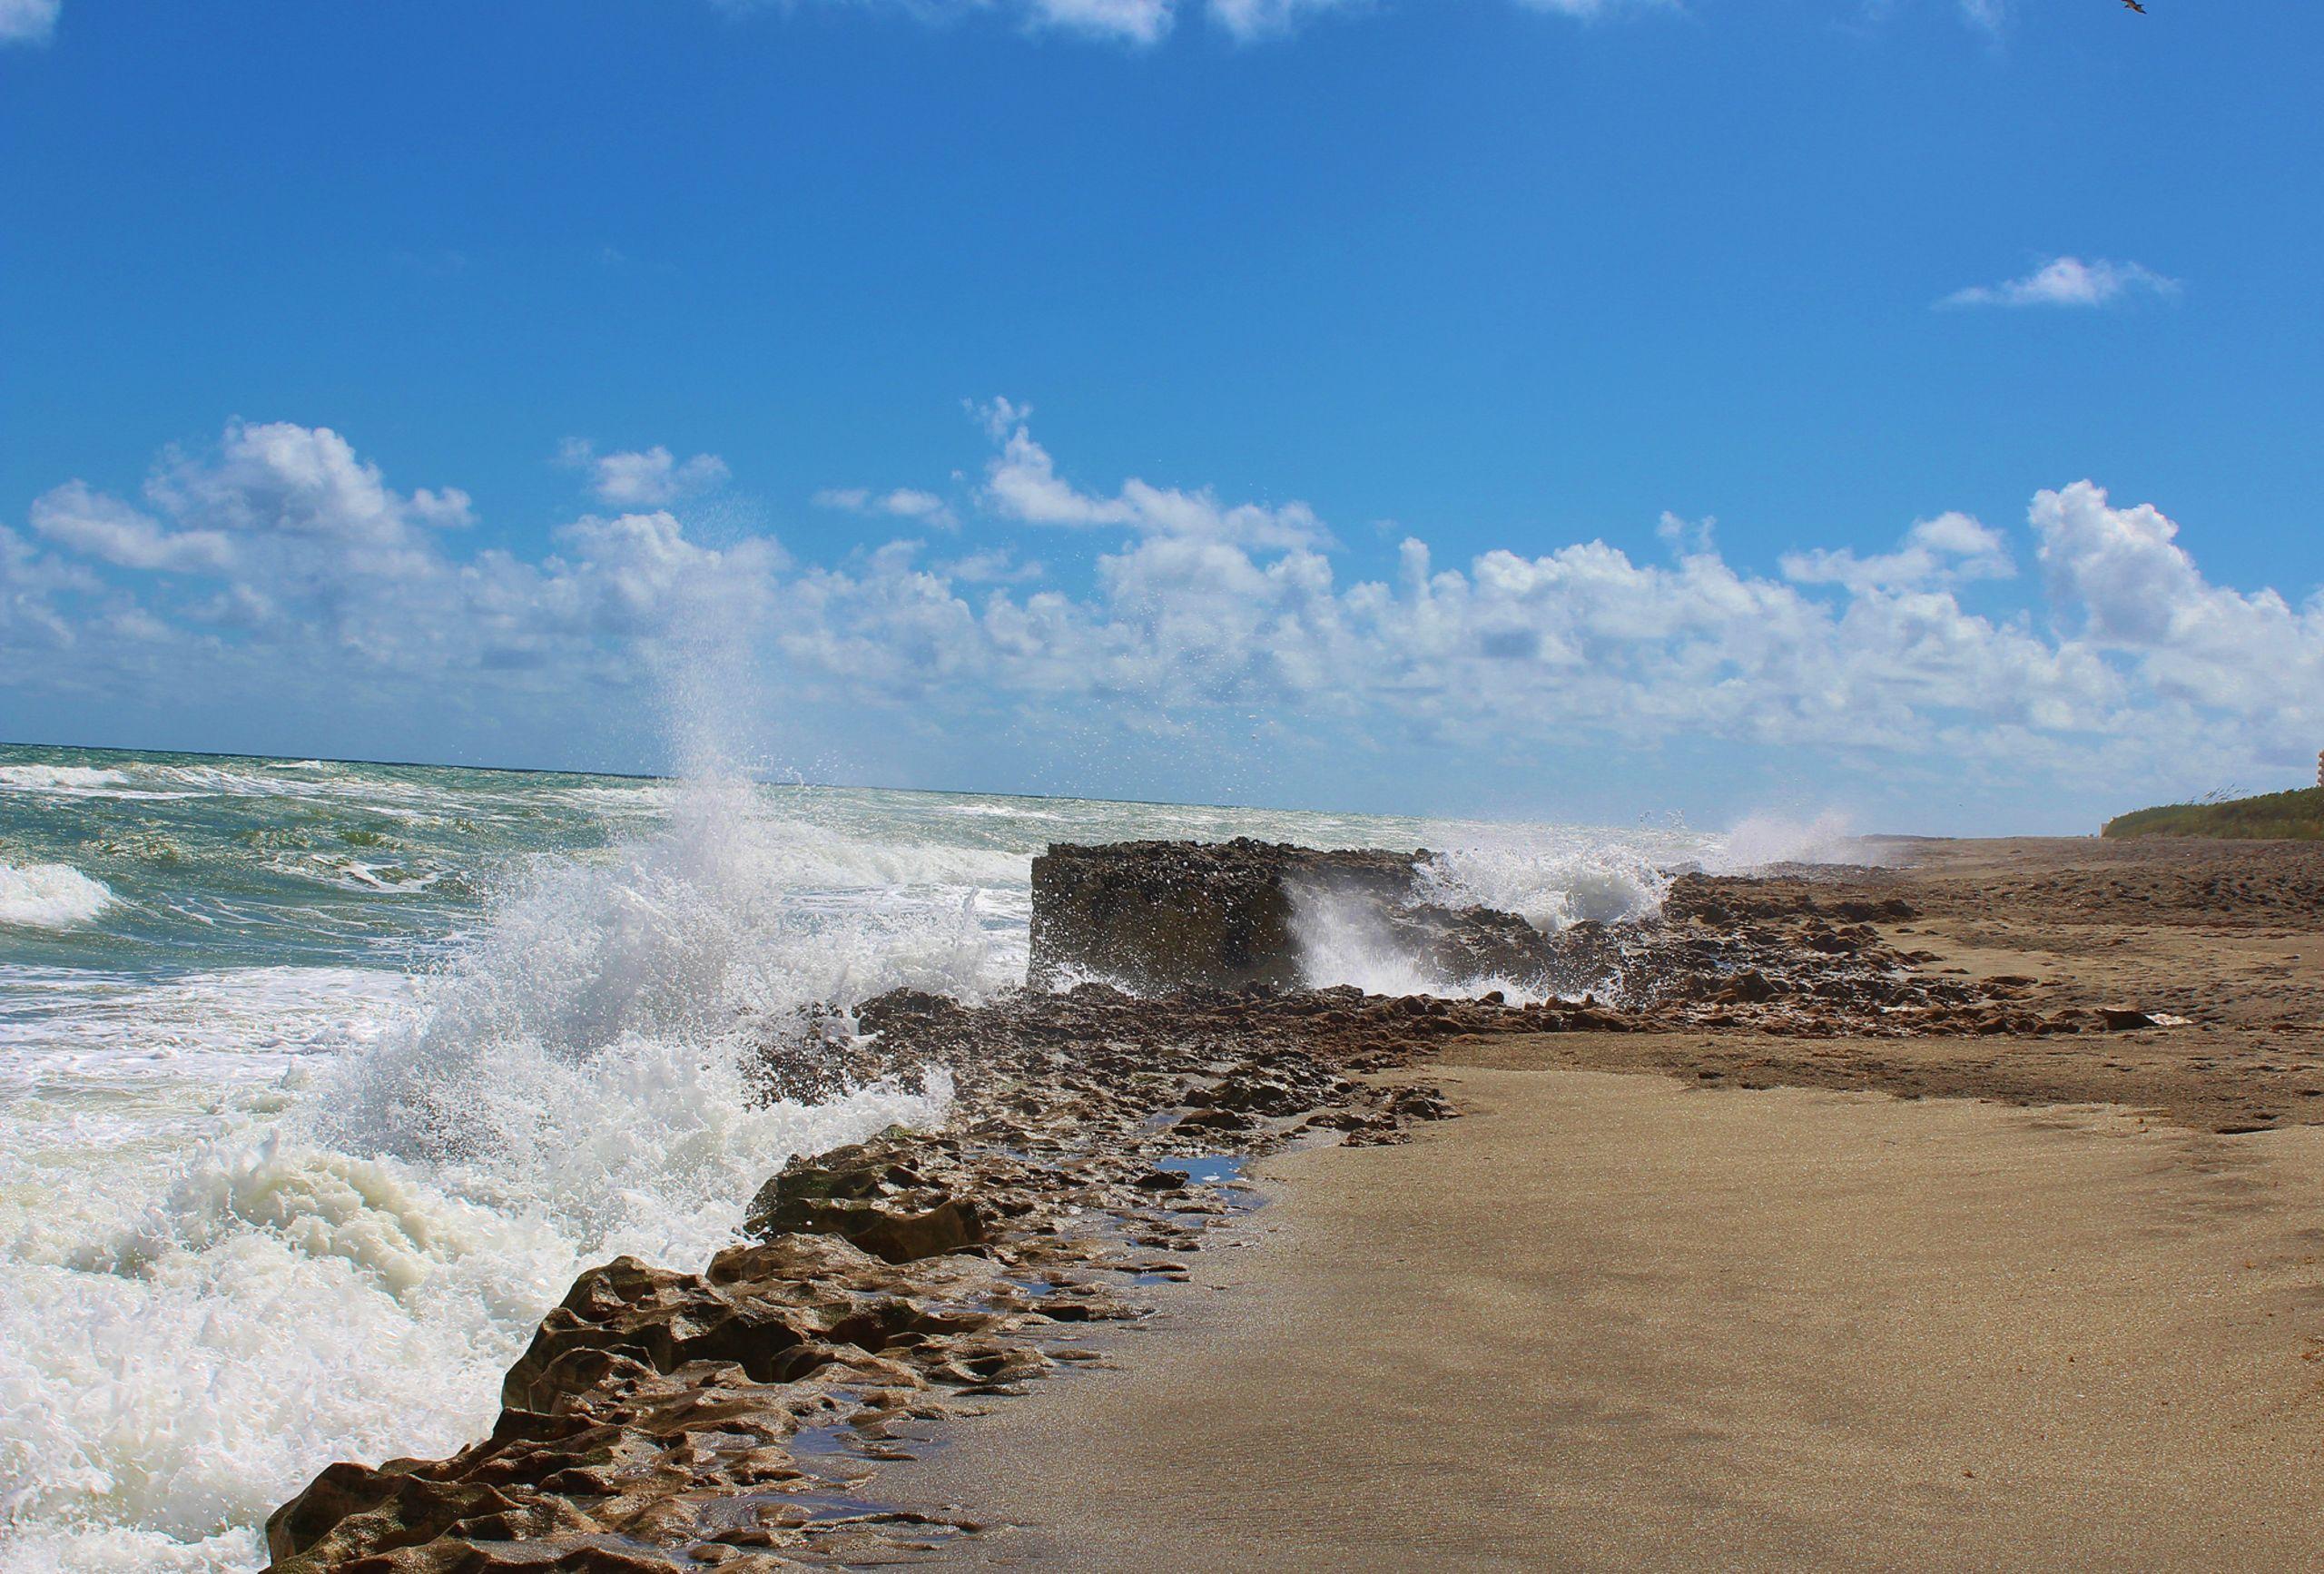 DIVERSE BEACH LANDSCAPES